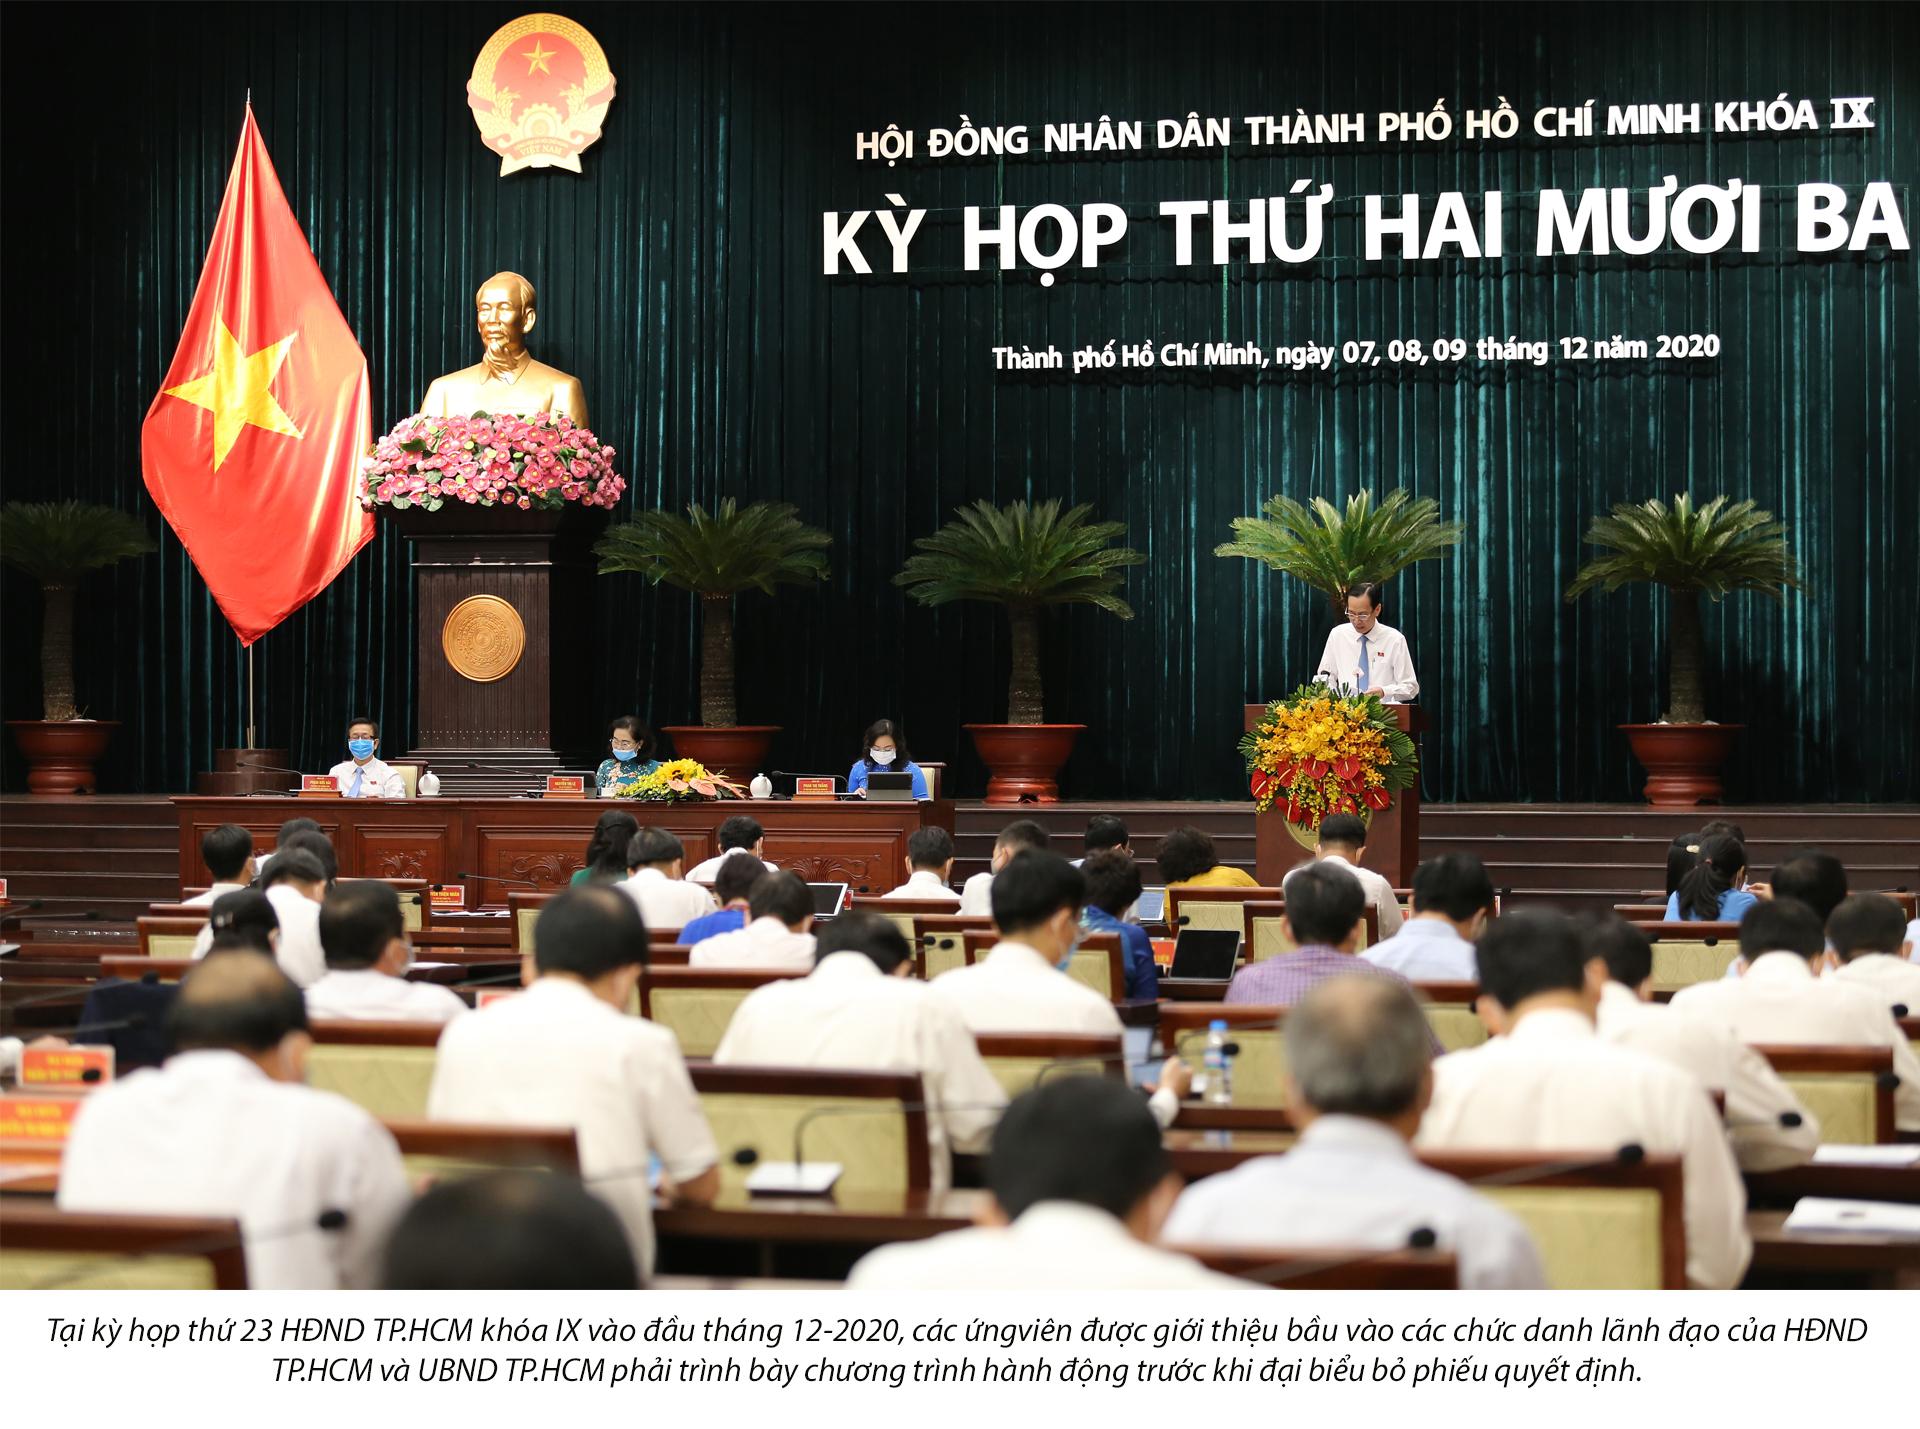 Emagazine: HĐND TP.HCM và 5 dấu ấn của nhiệm kỳ 2016-2021 - ảnh 15